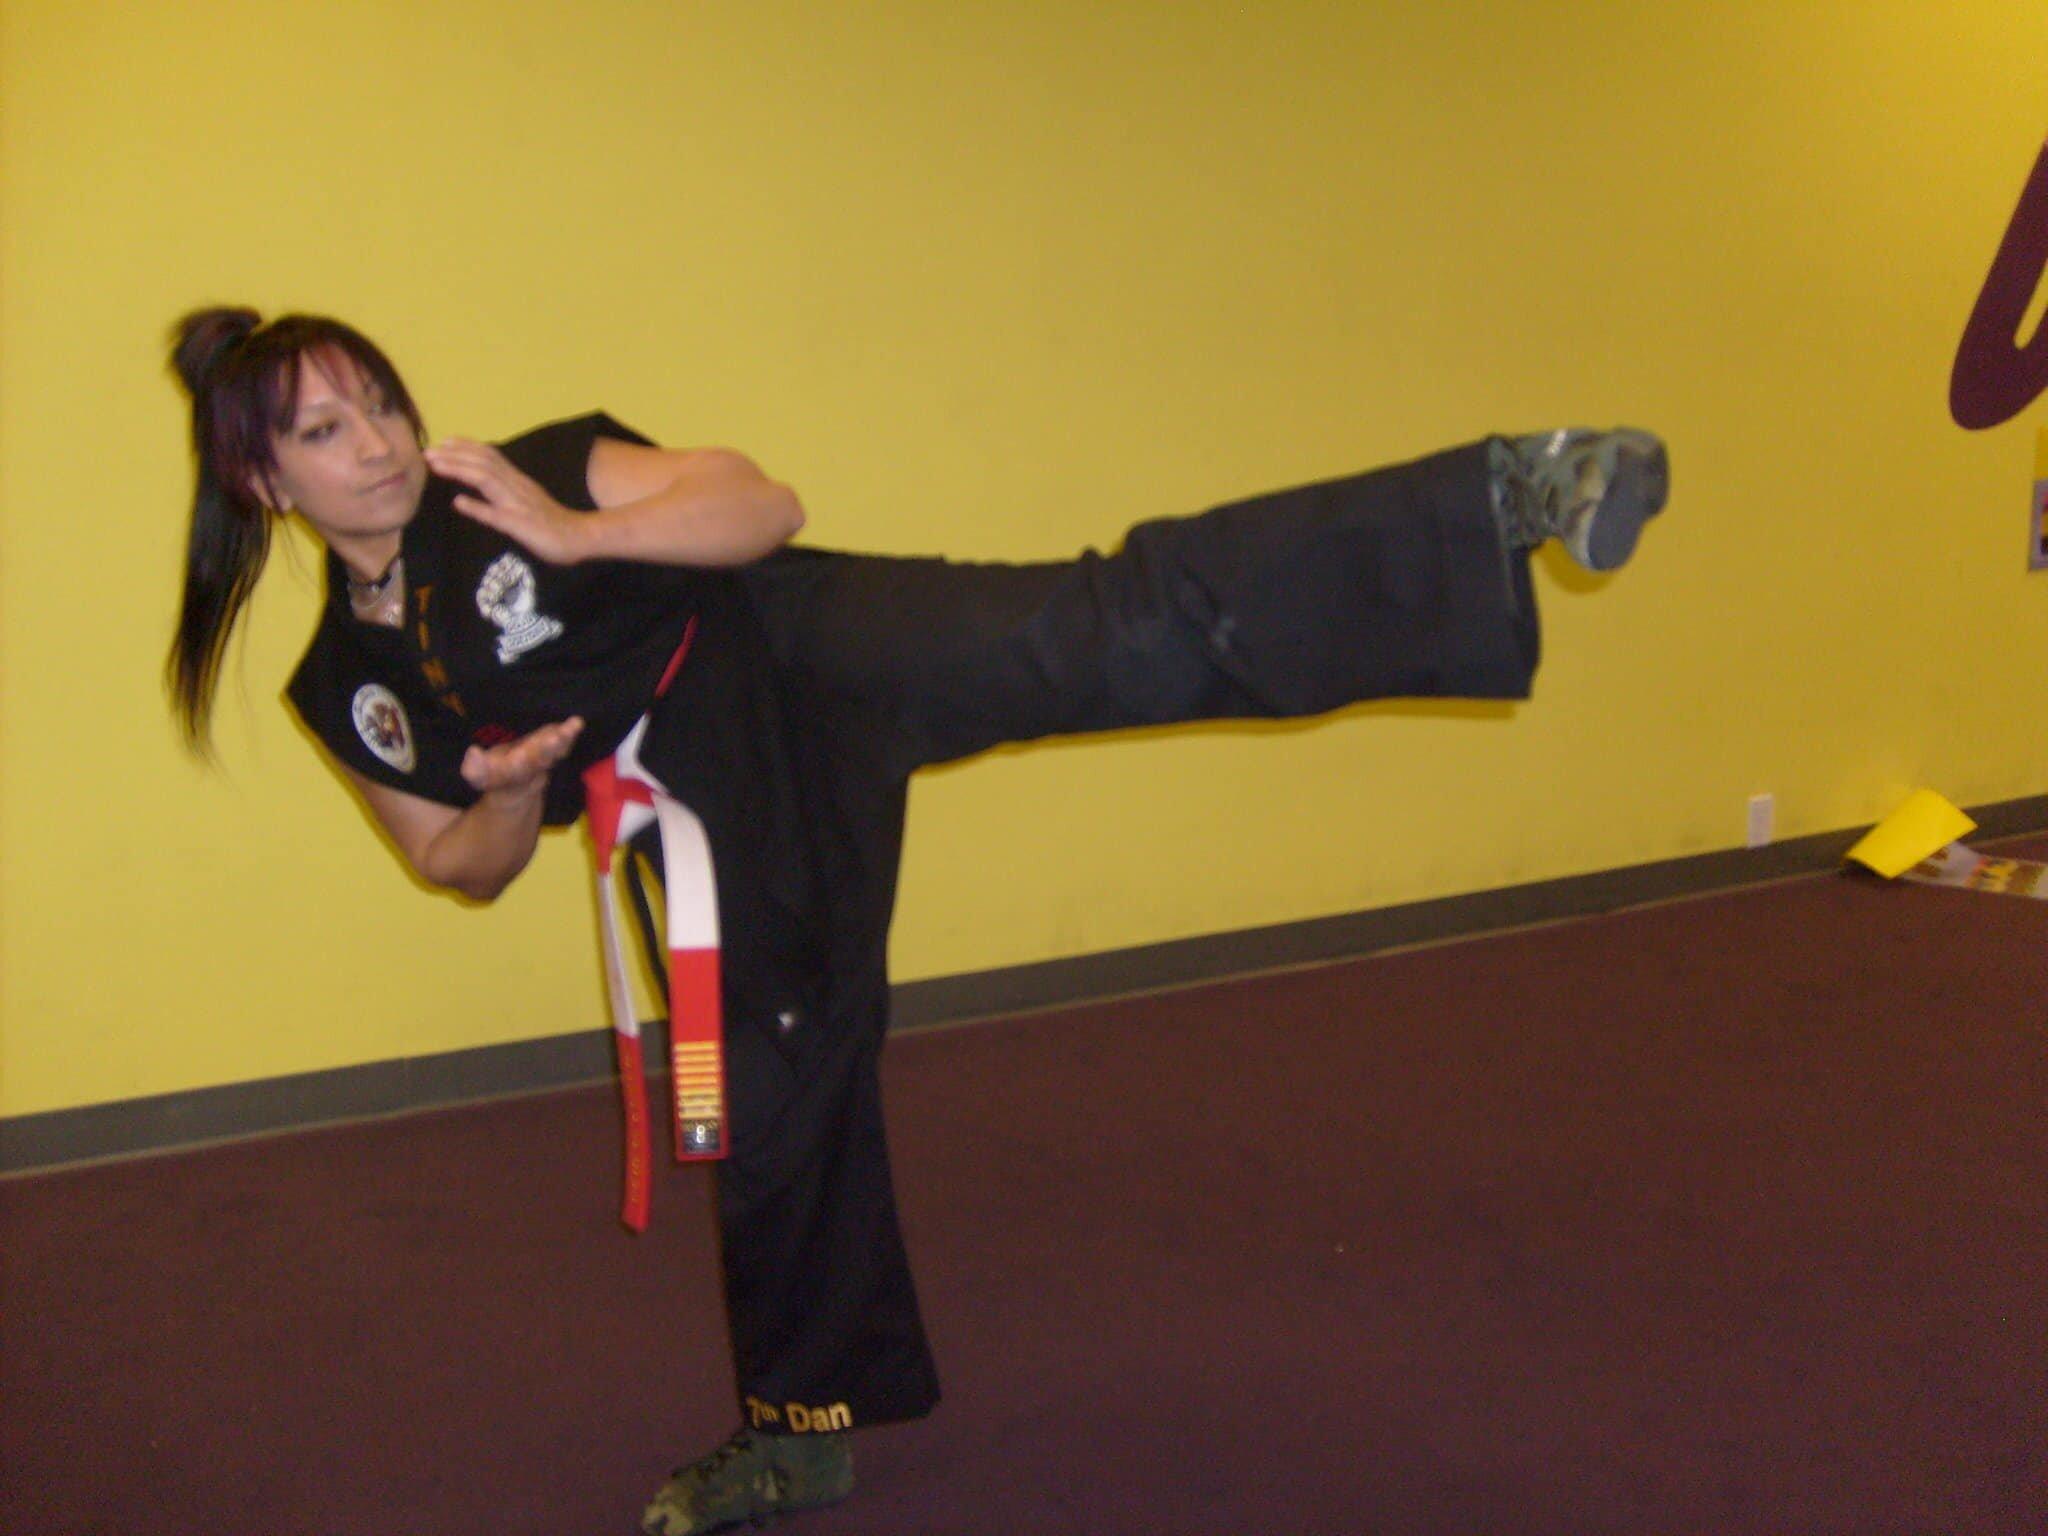 Nancie as a 7th Dan/degree black belt in karate. She's currently a 9th degree black belt.